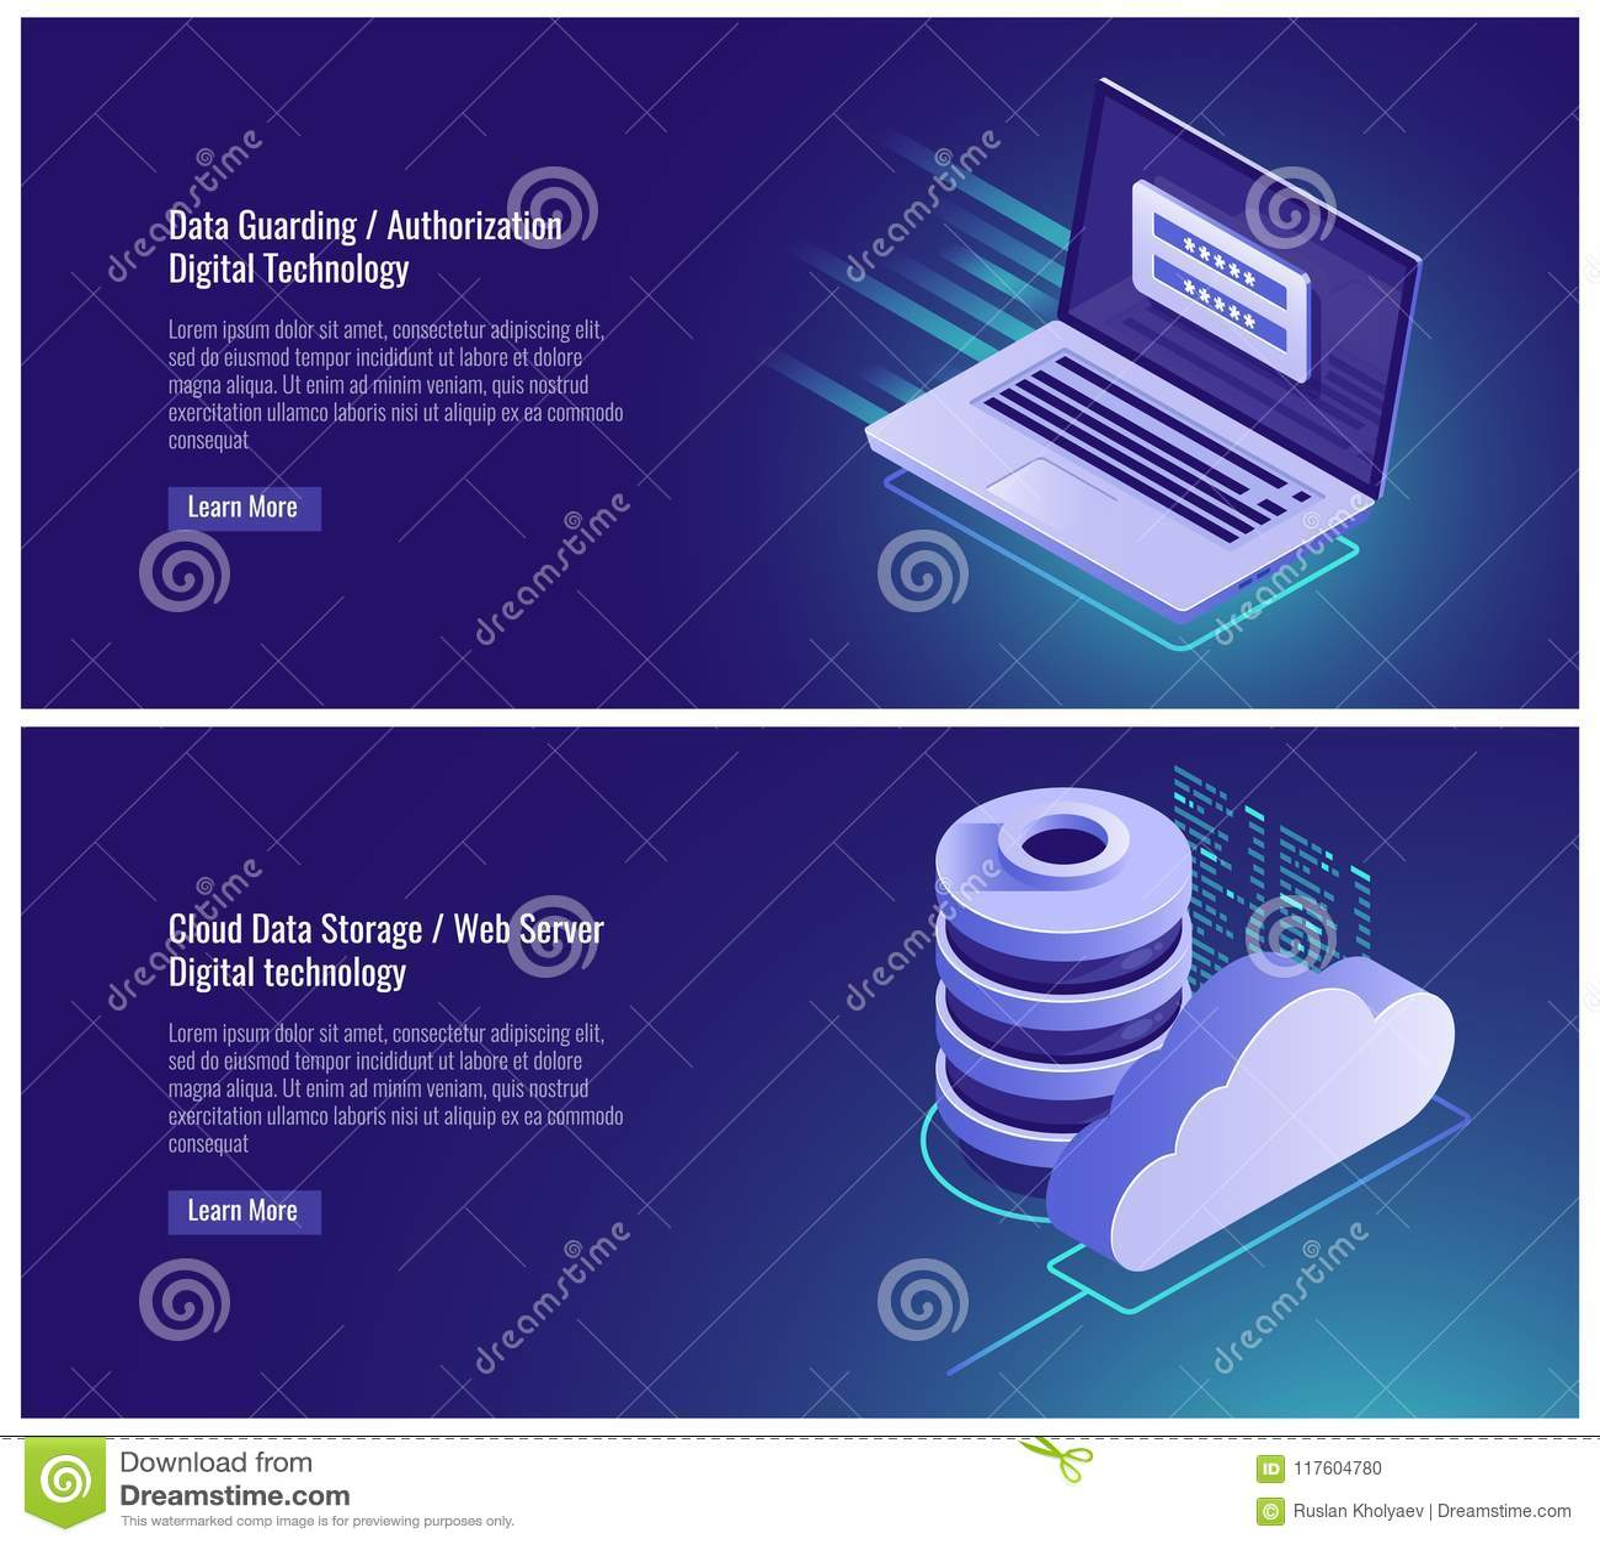 守卫的数据,授权形式、密码和注册输入,注册页,云彩数据存储,网络主持